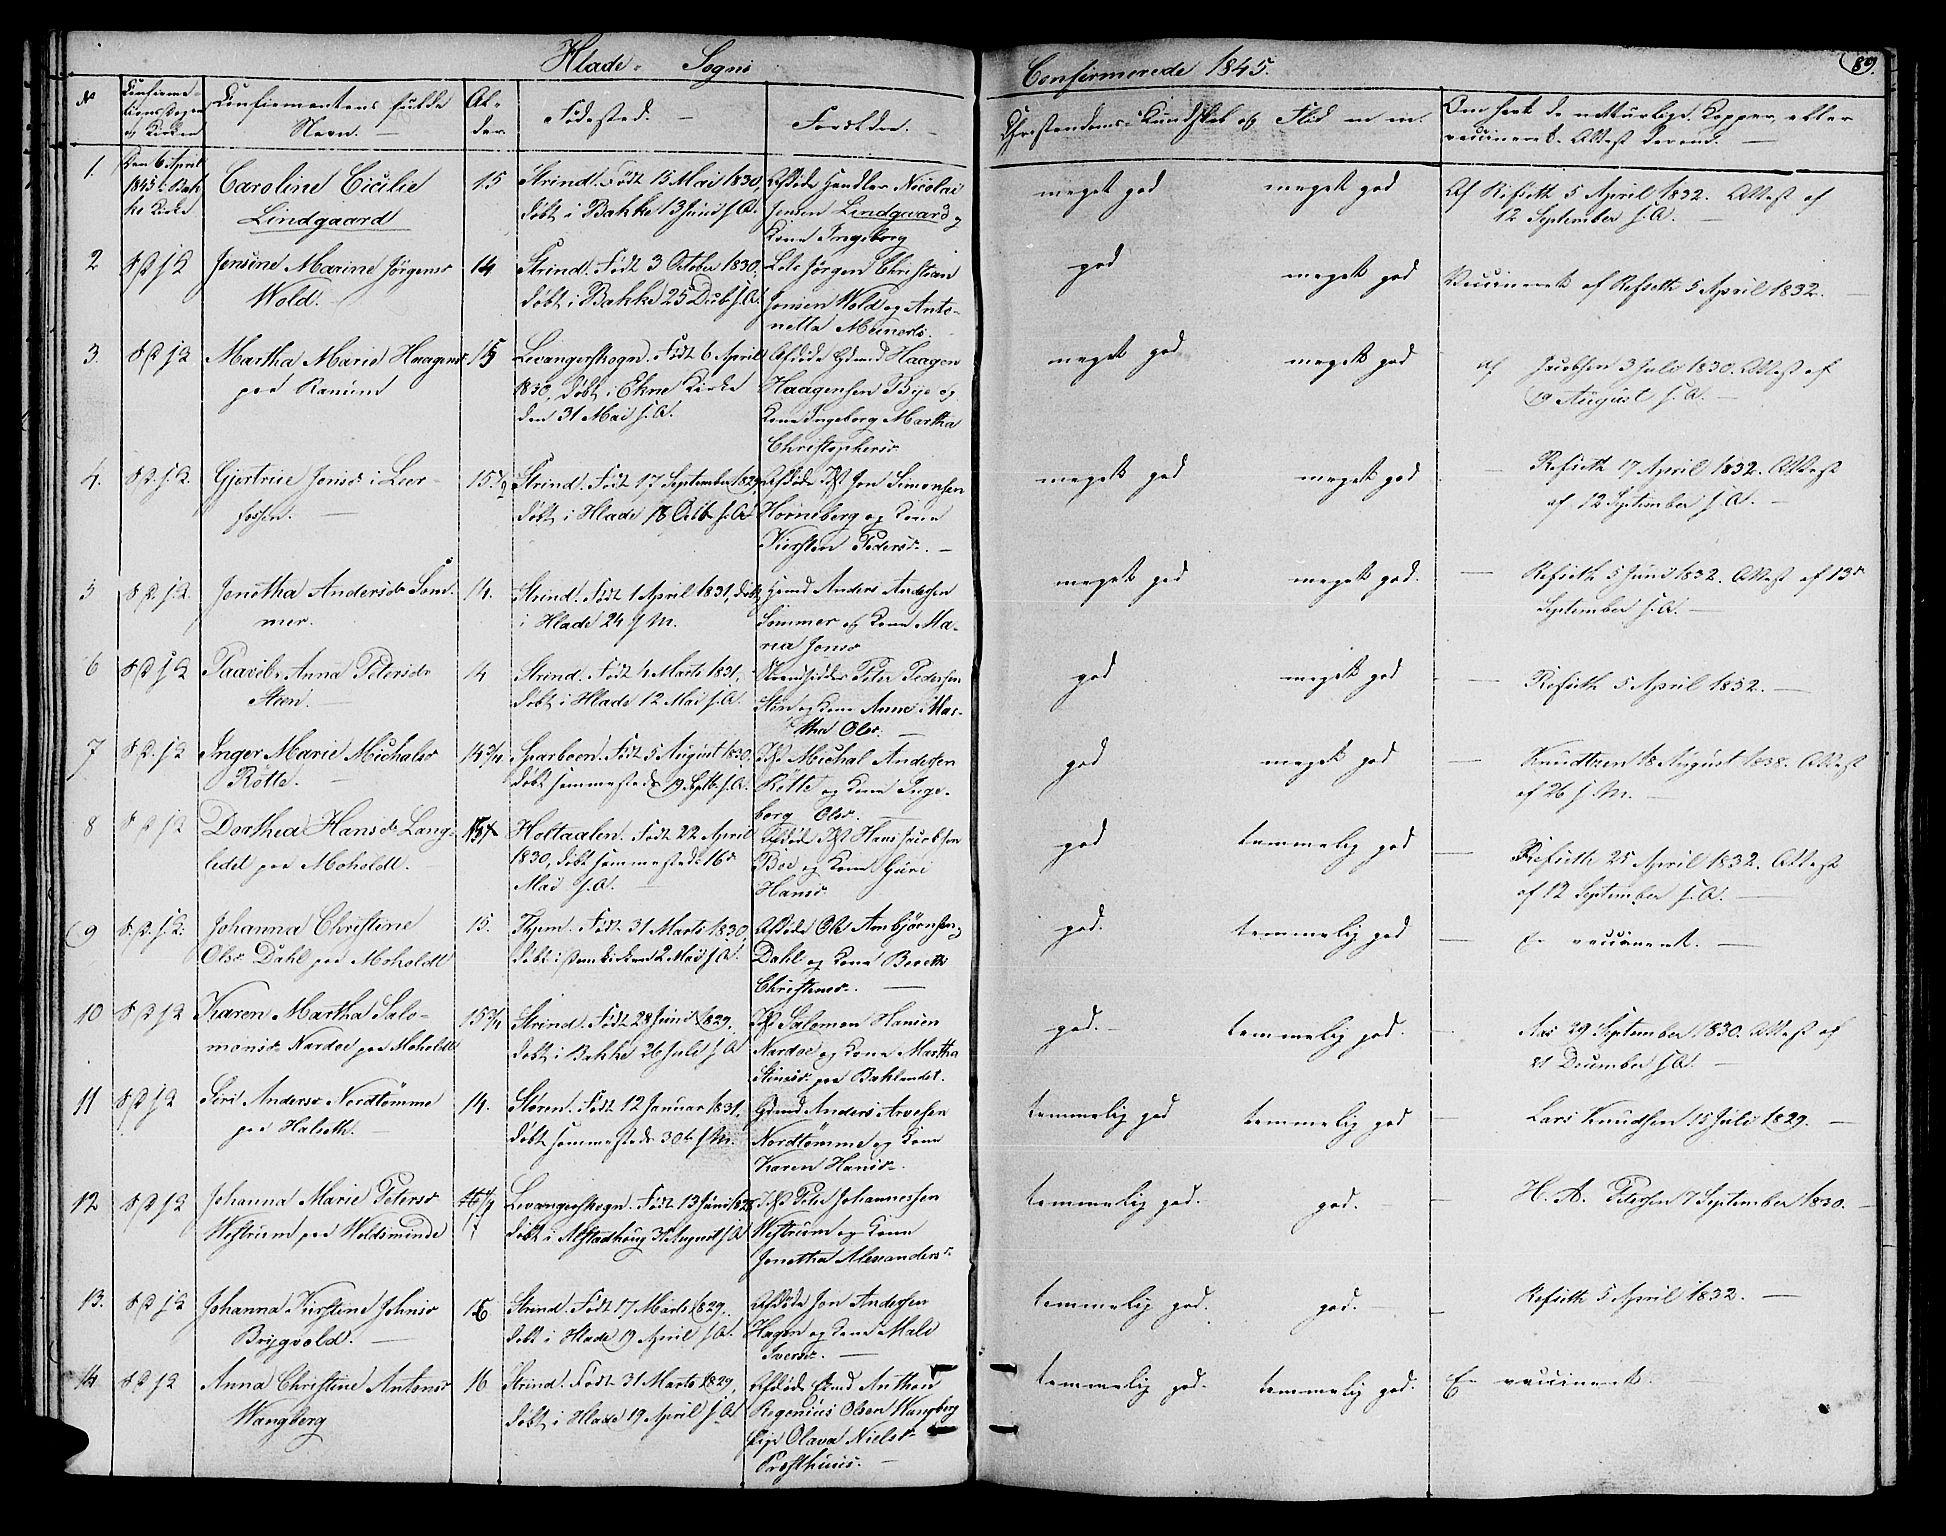 SAT, Ministerialprotokoller, klokkerbøker og fødselsregistre - Sør-Trøndelag, 606/L0309: Klokkerbok nr. 606C05, 1841-1849, s. 89